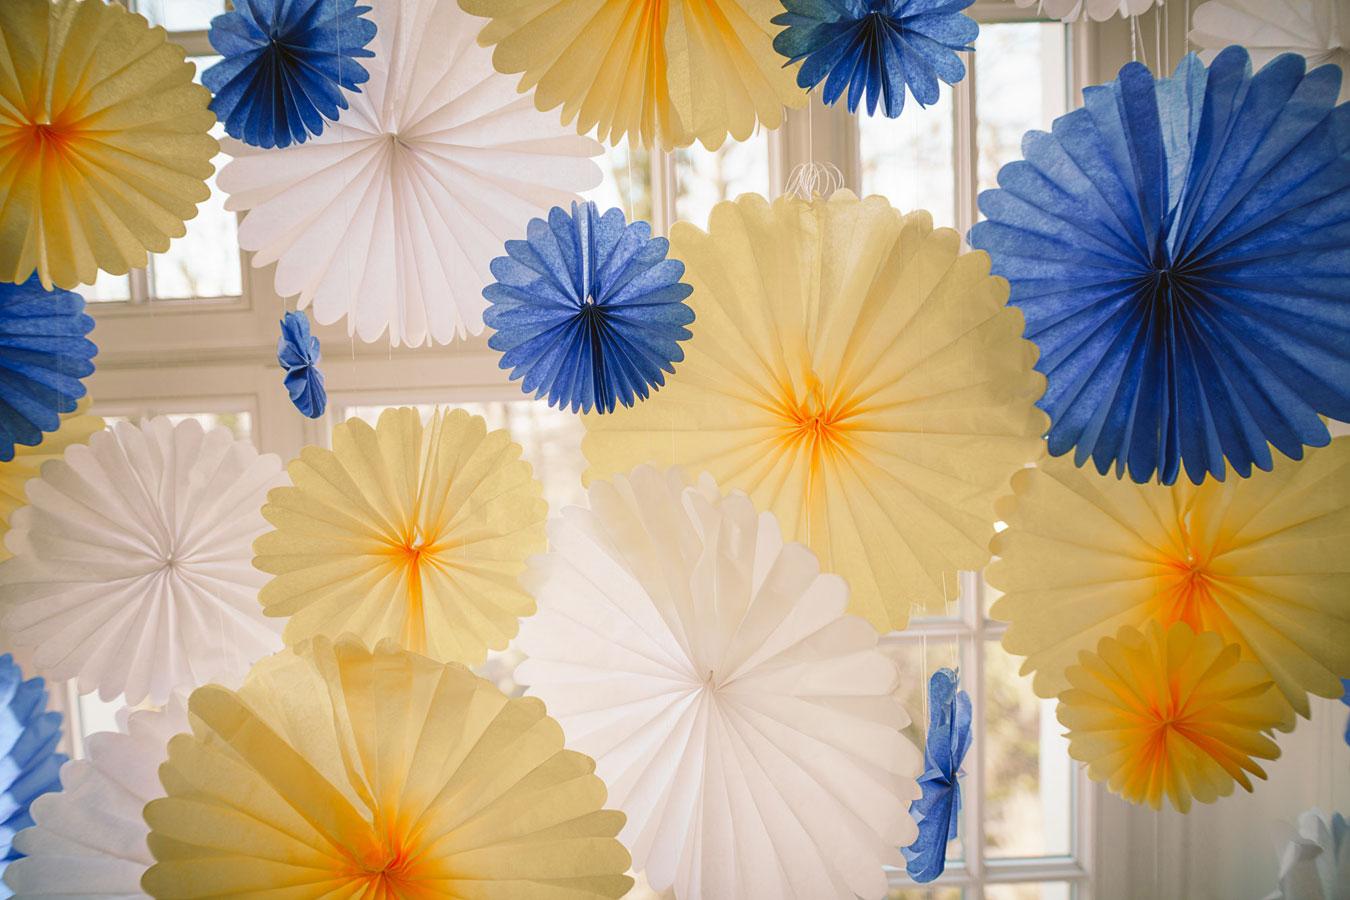 Summer in Sweden Fensterdekoration Blau Gelb